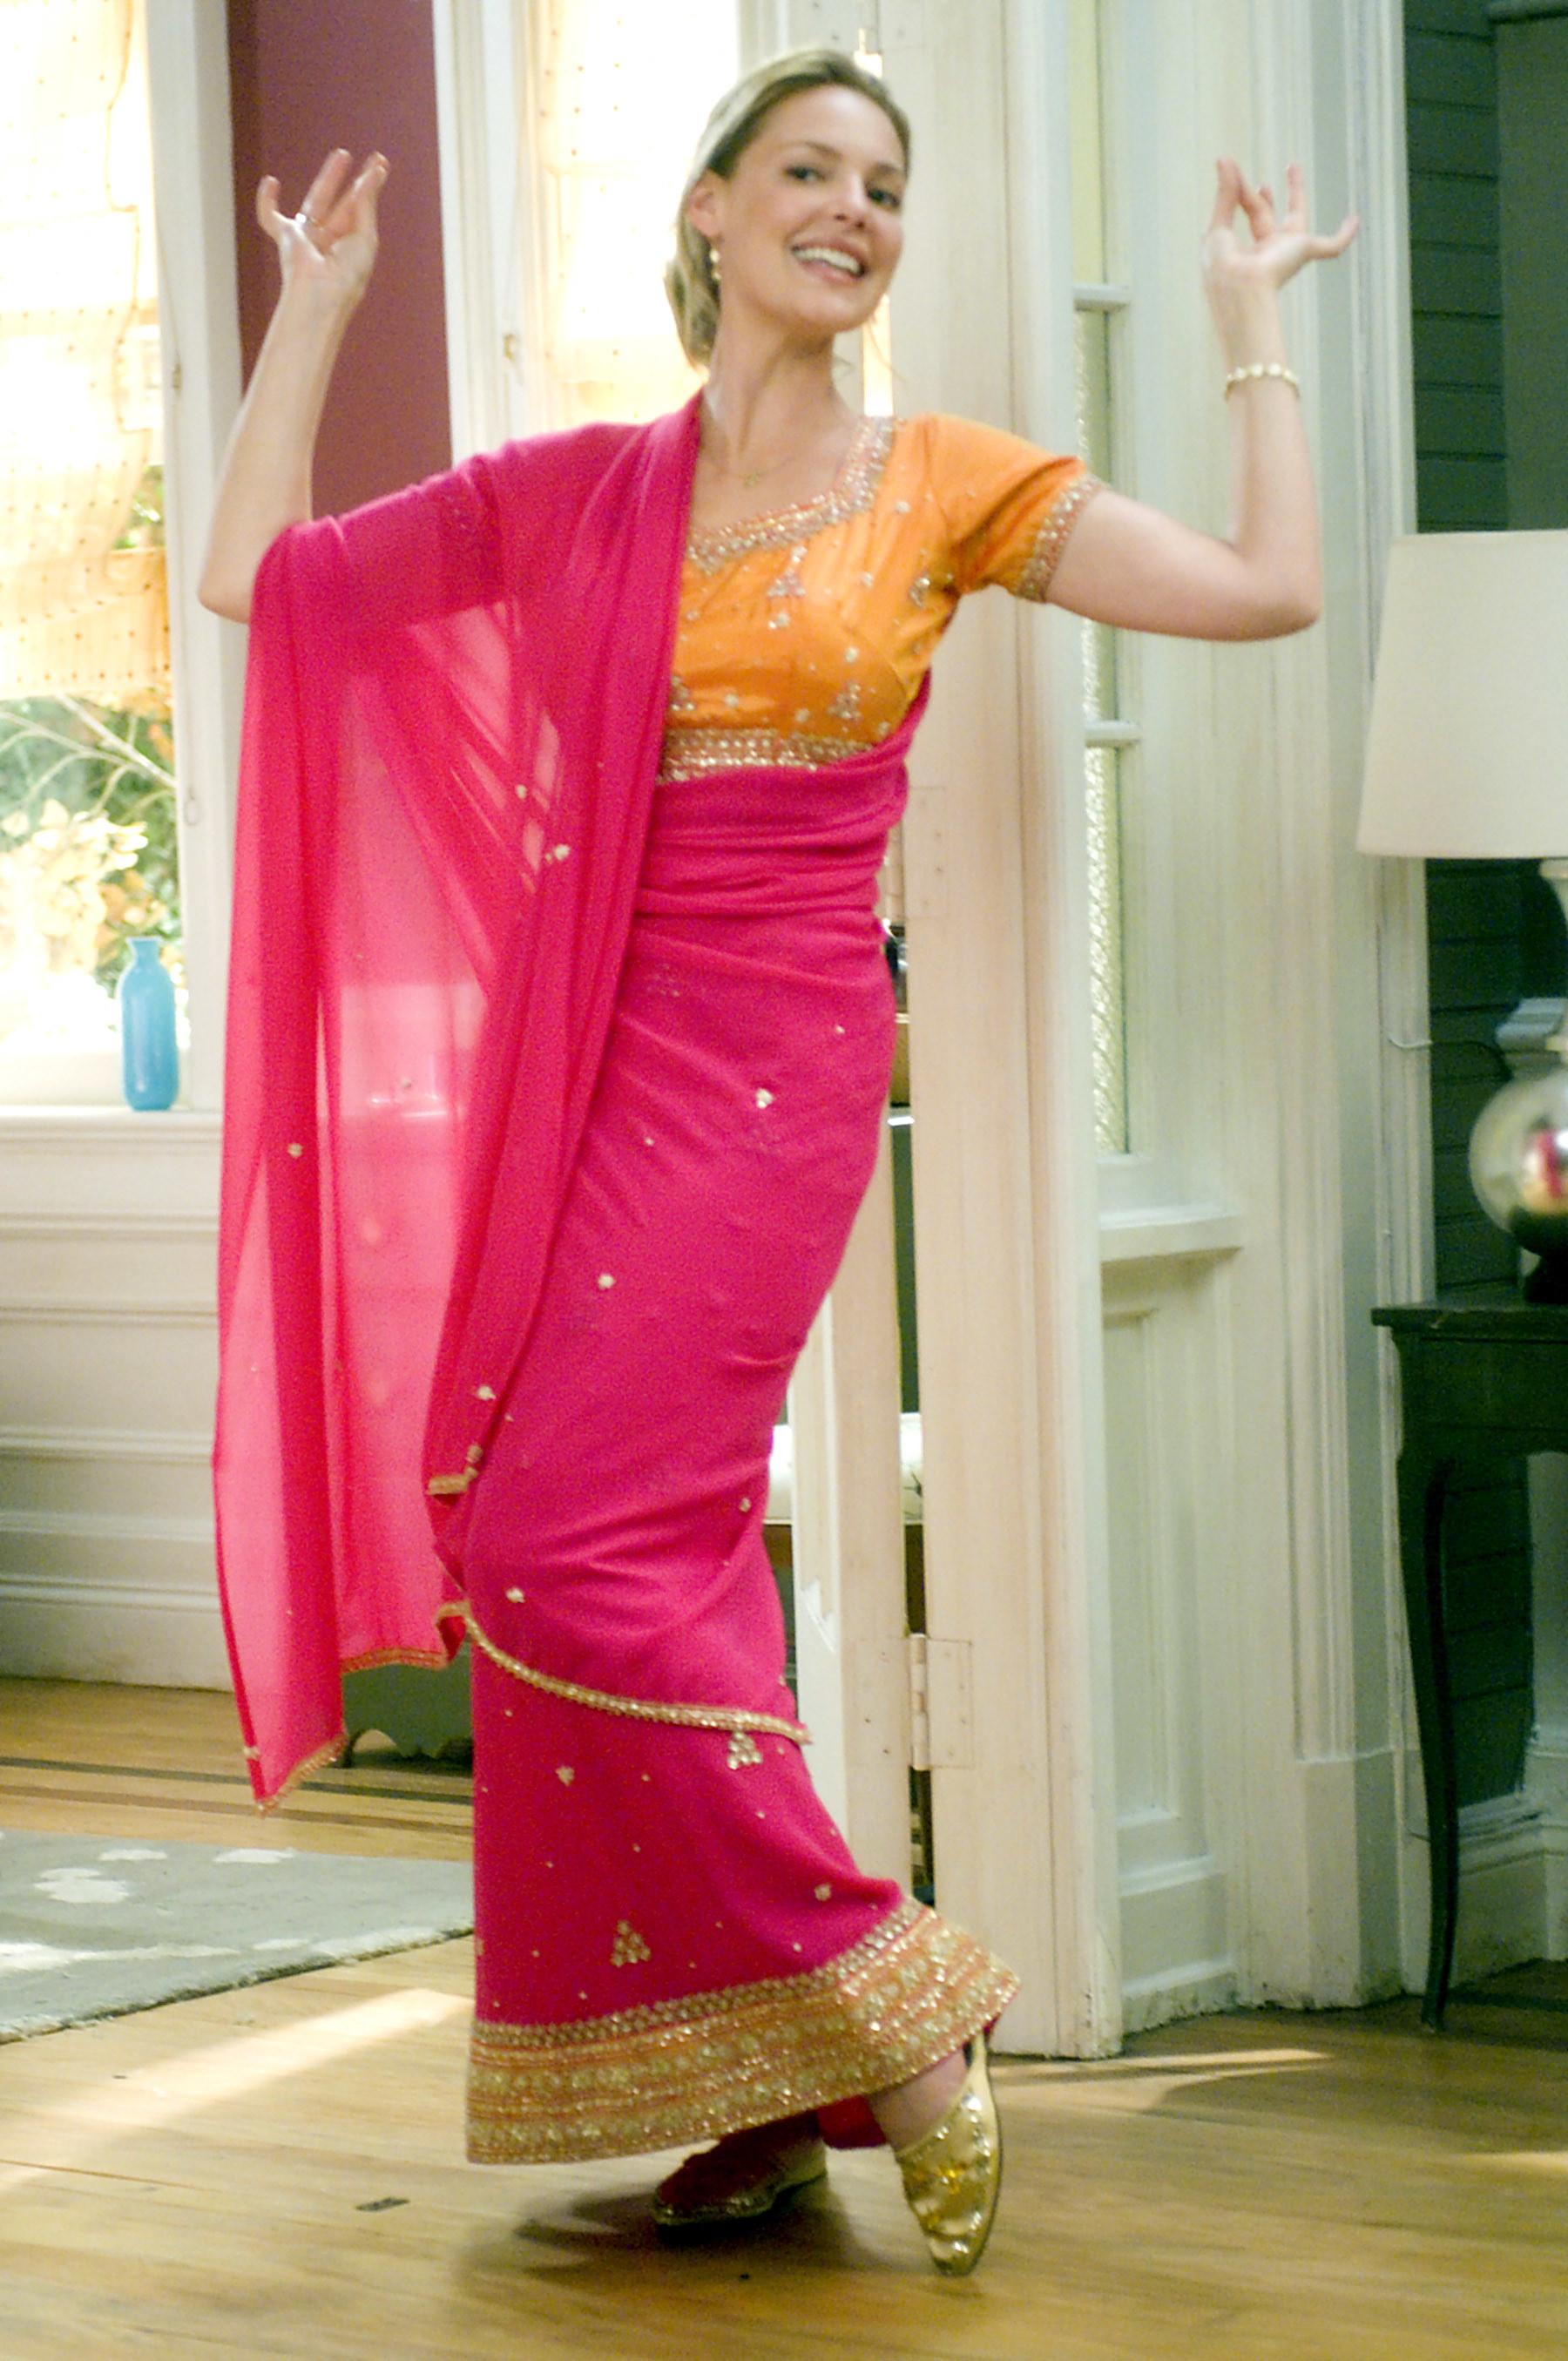 Jane poses in a sari